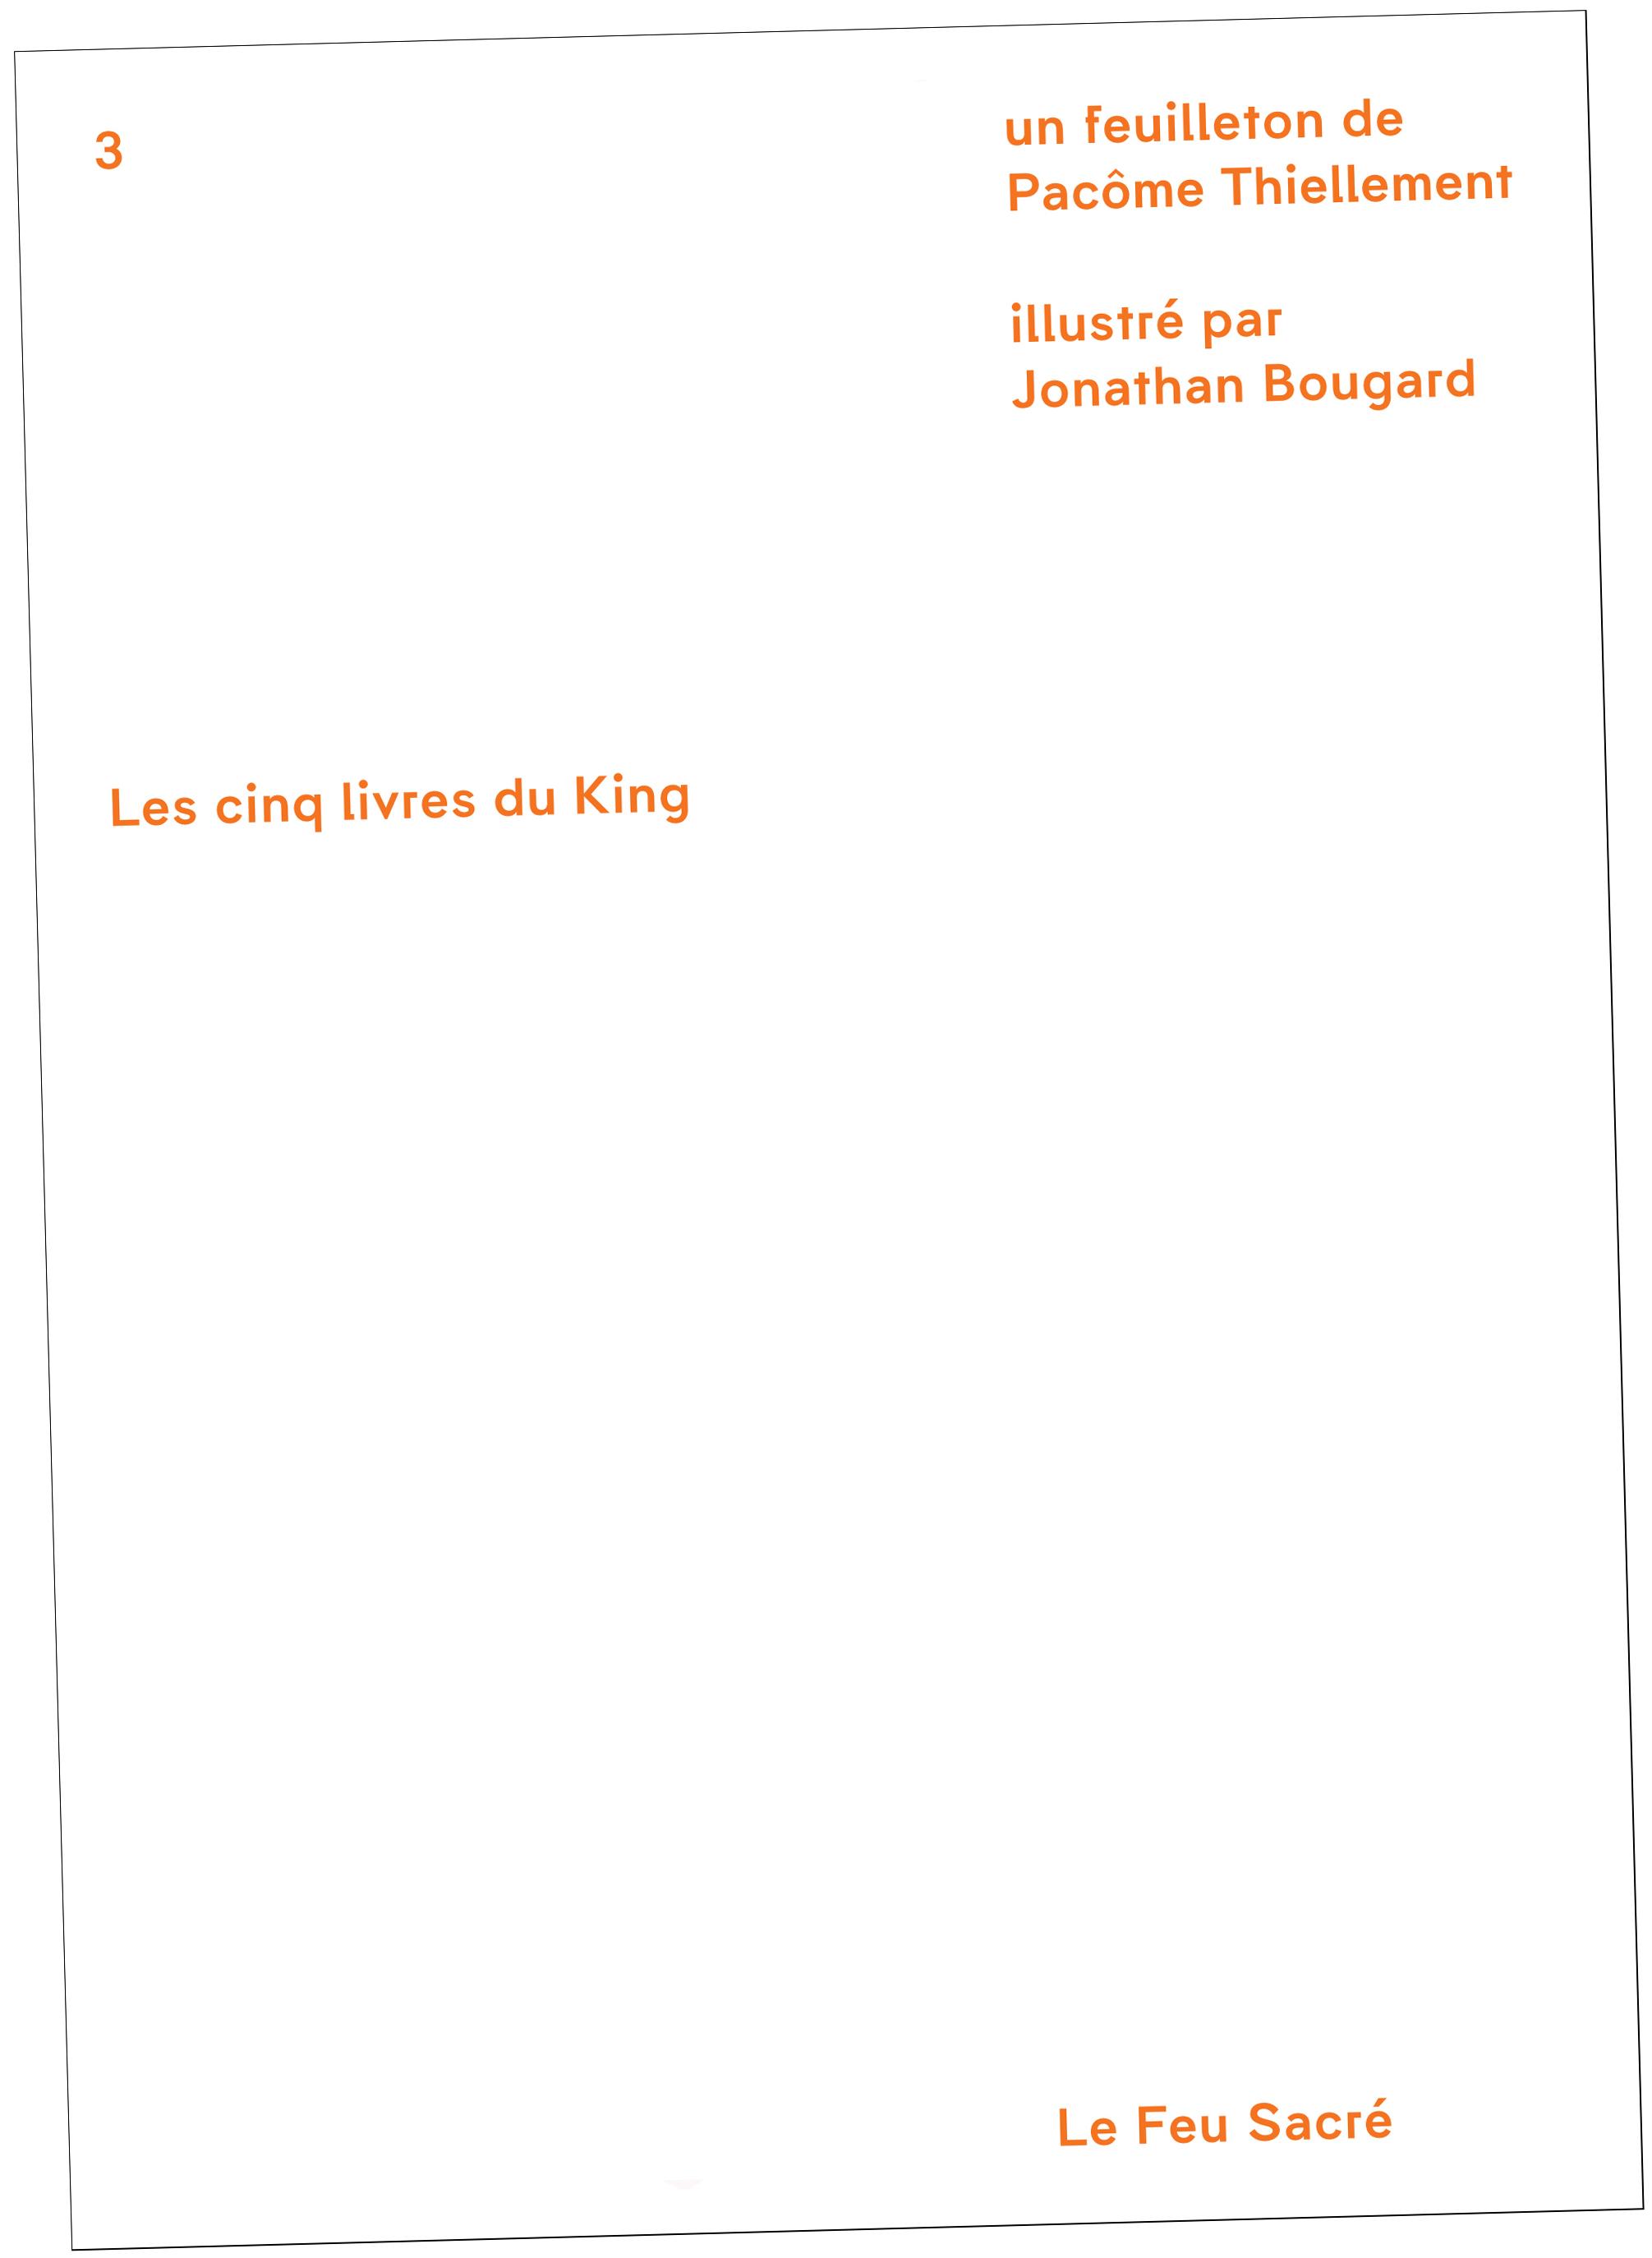 Les Cinq Livres du King - Couverture : Bizzarri & Rodriguez